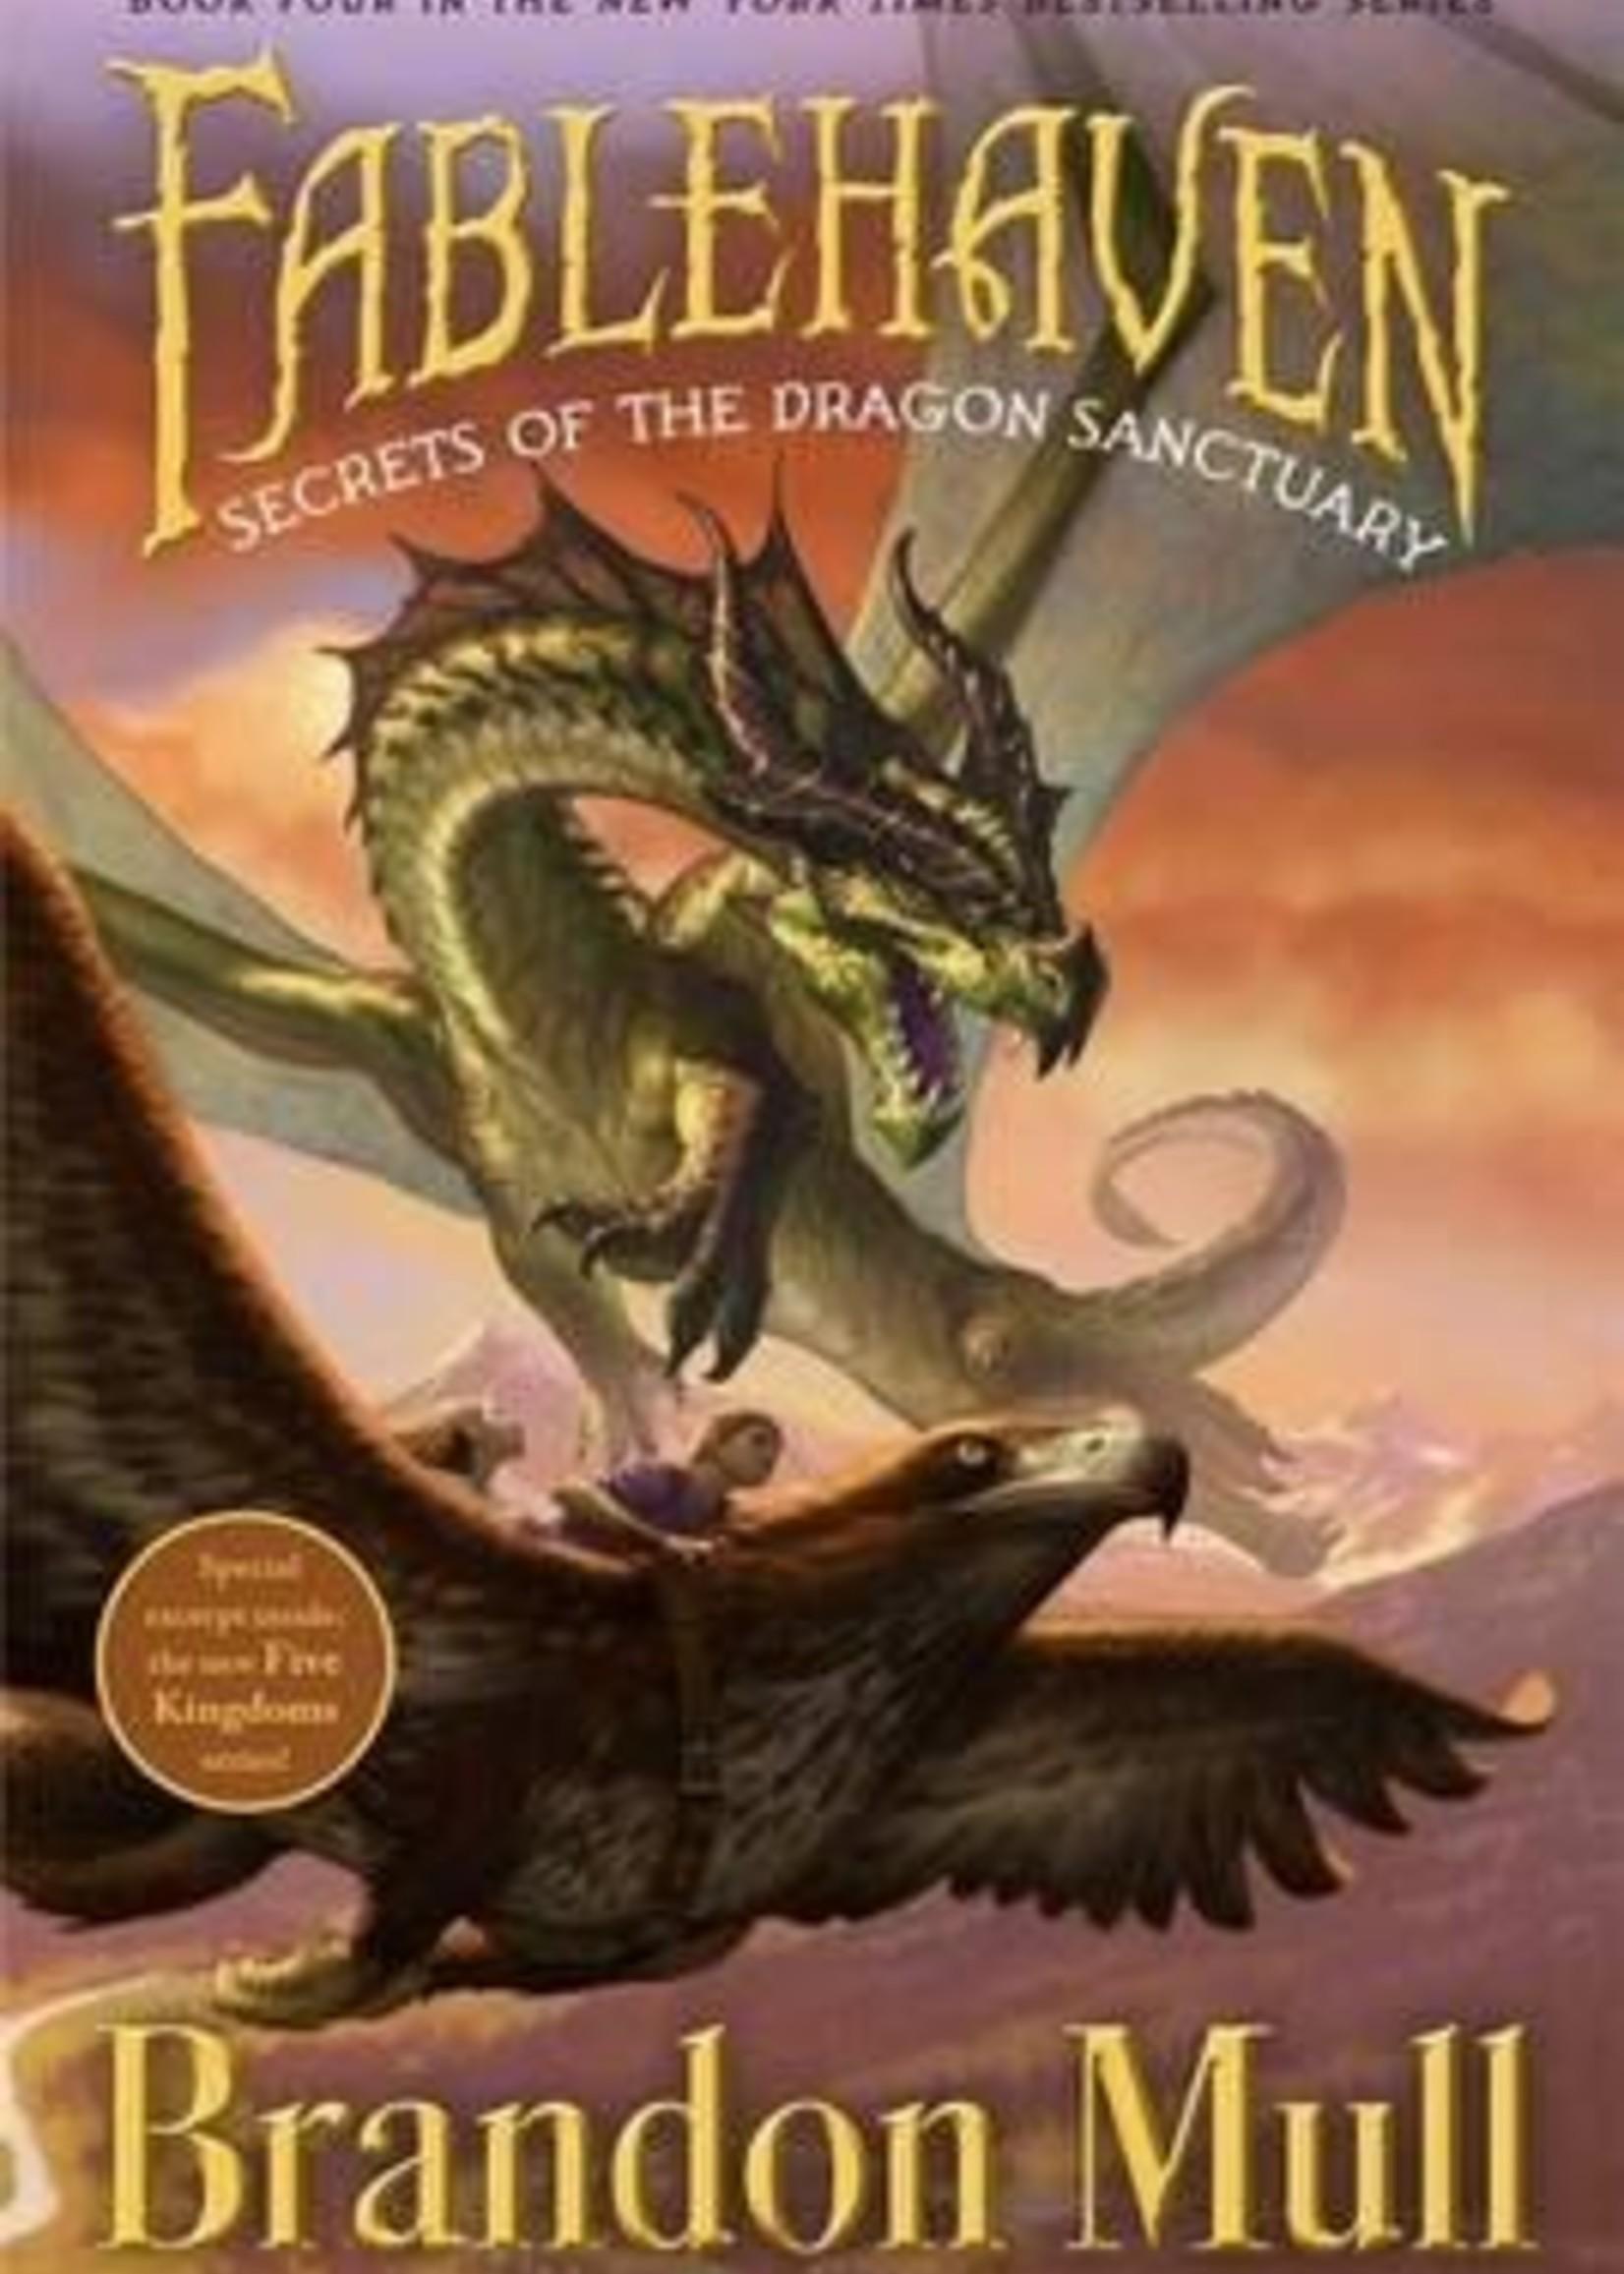 Fablehaven #04, Secrets of the Dragon Sanctuary - Paperback